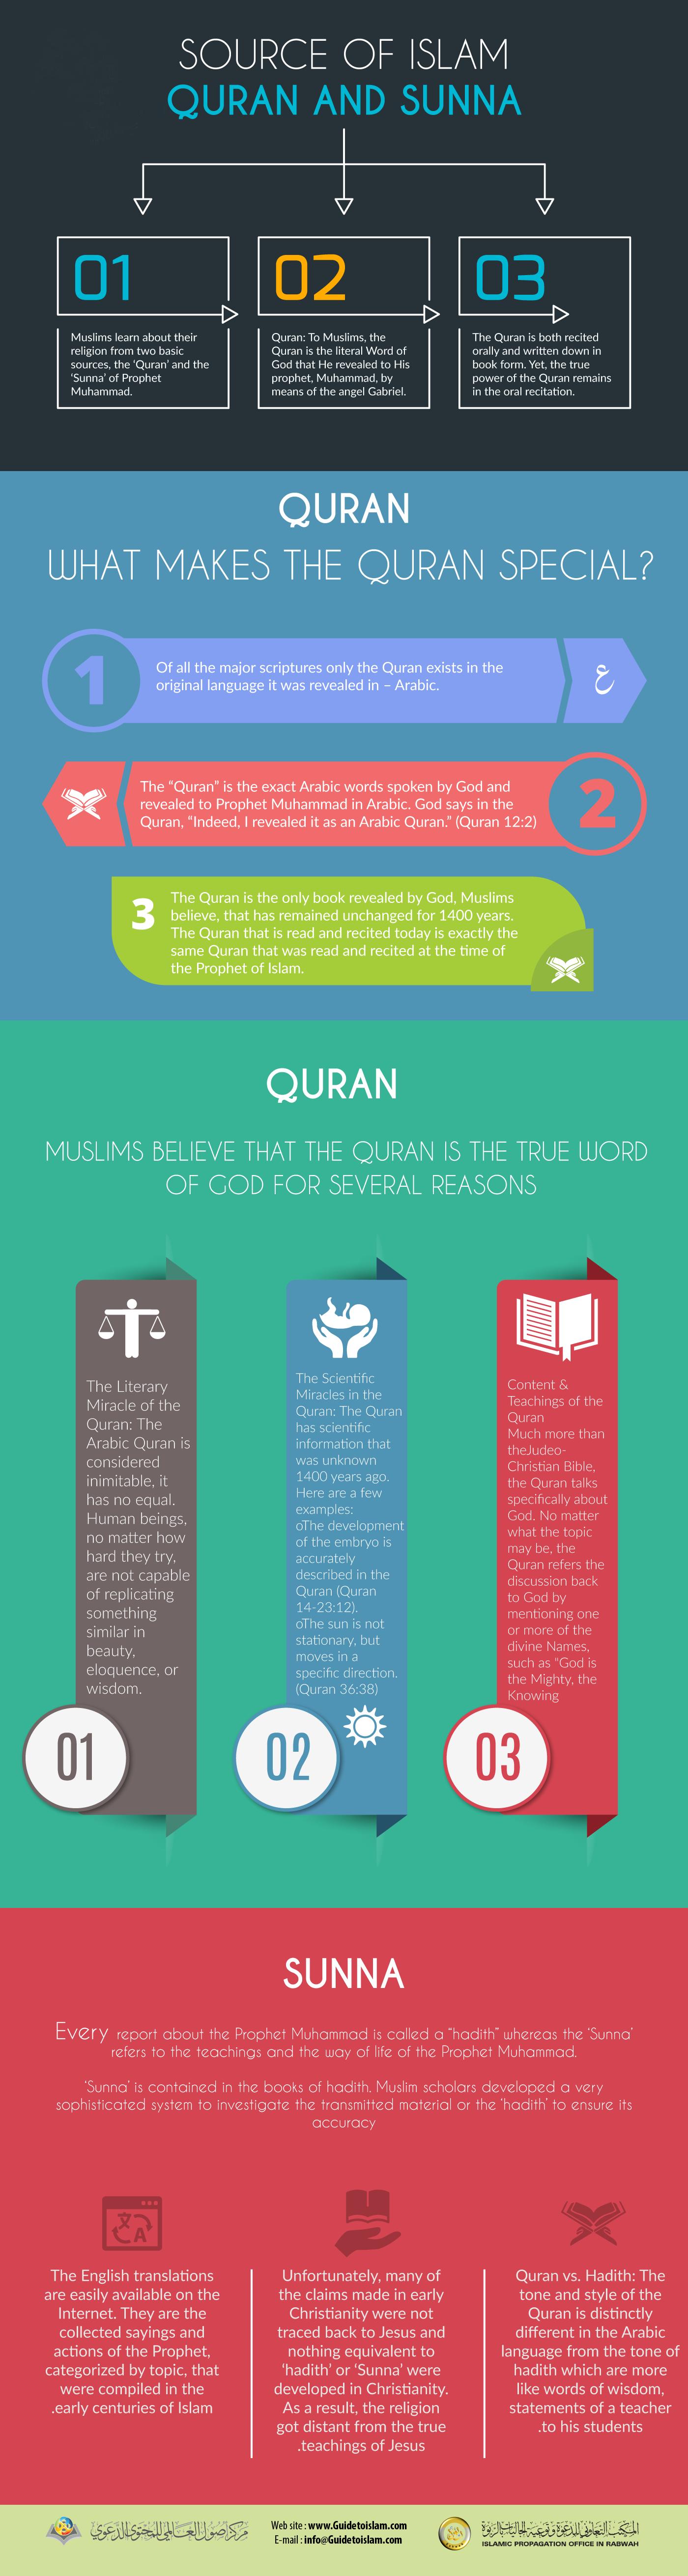 مصادر الإسلام القرآن الكريم والسنة النبوية